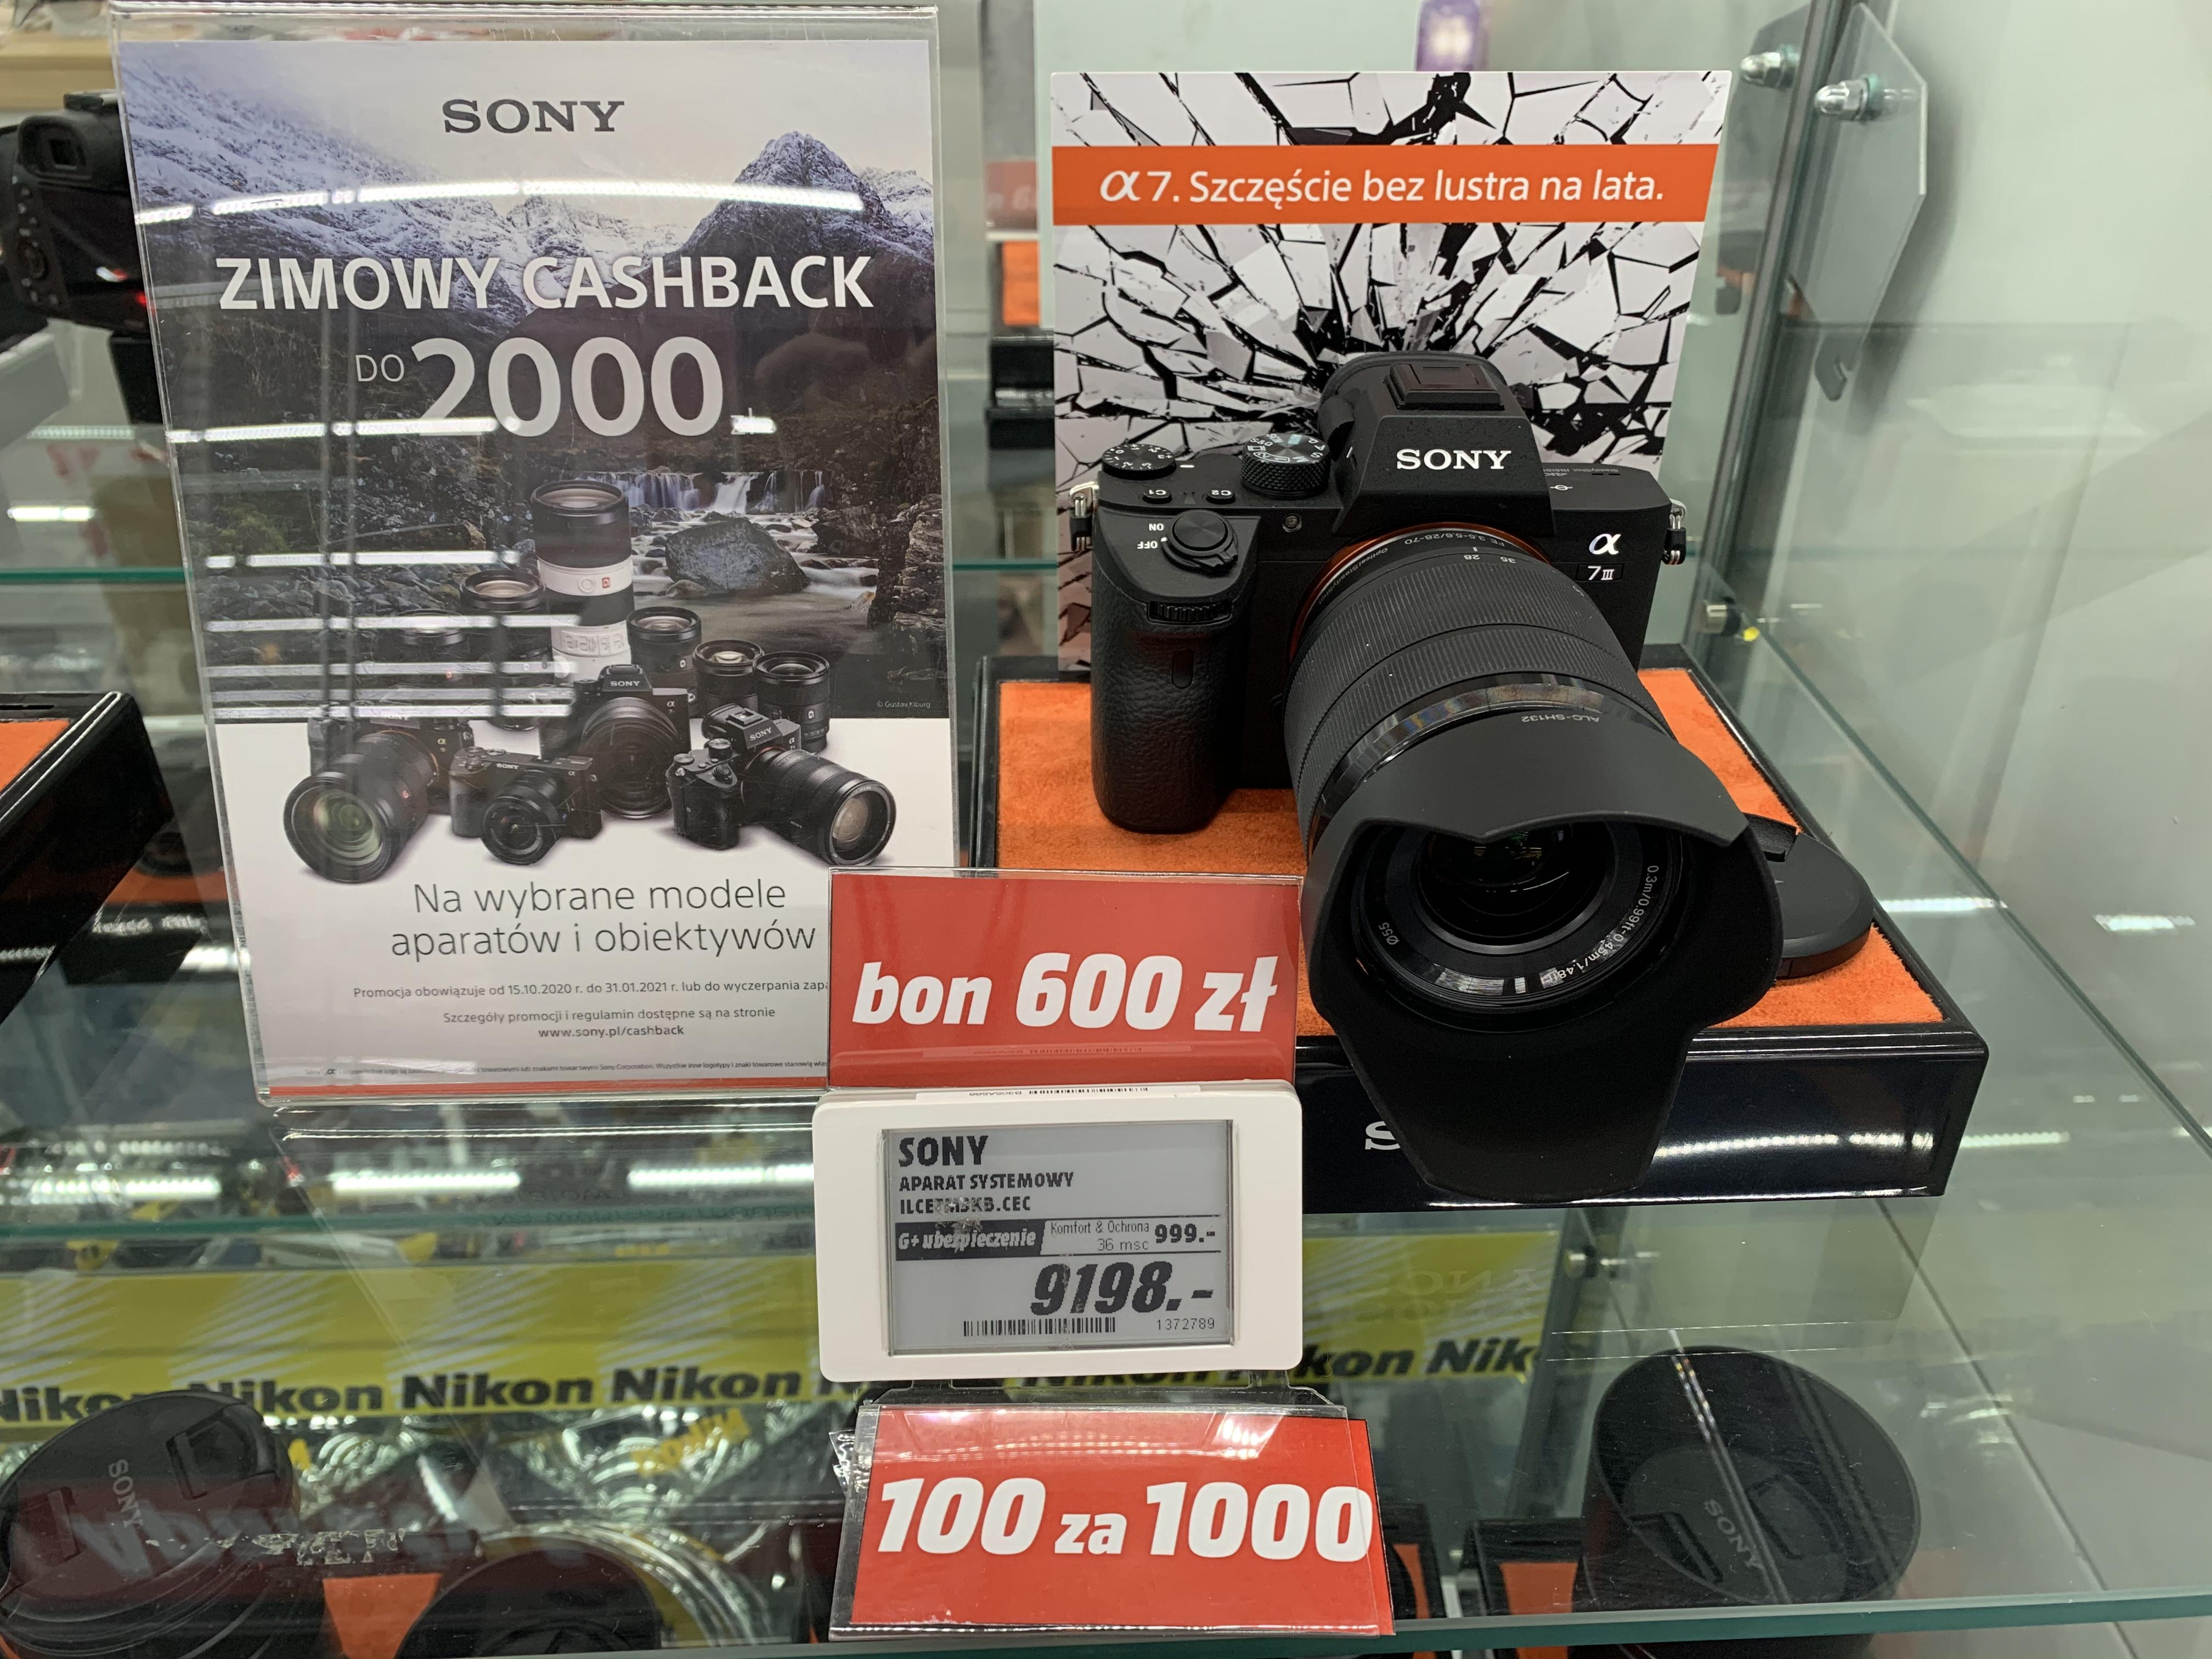 Sony a7 III obiektyw kit za 6700, 1500 zł w bonach i 1000 zł cashback. Mediamarkt Gdansk